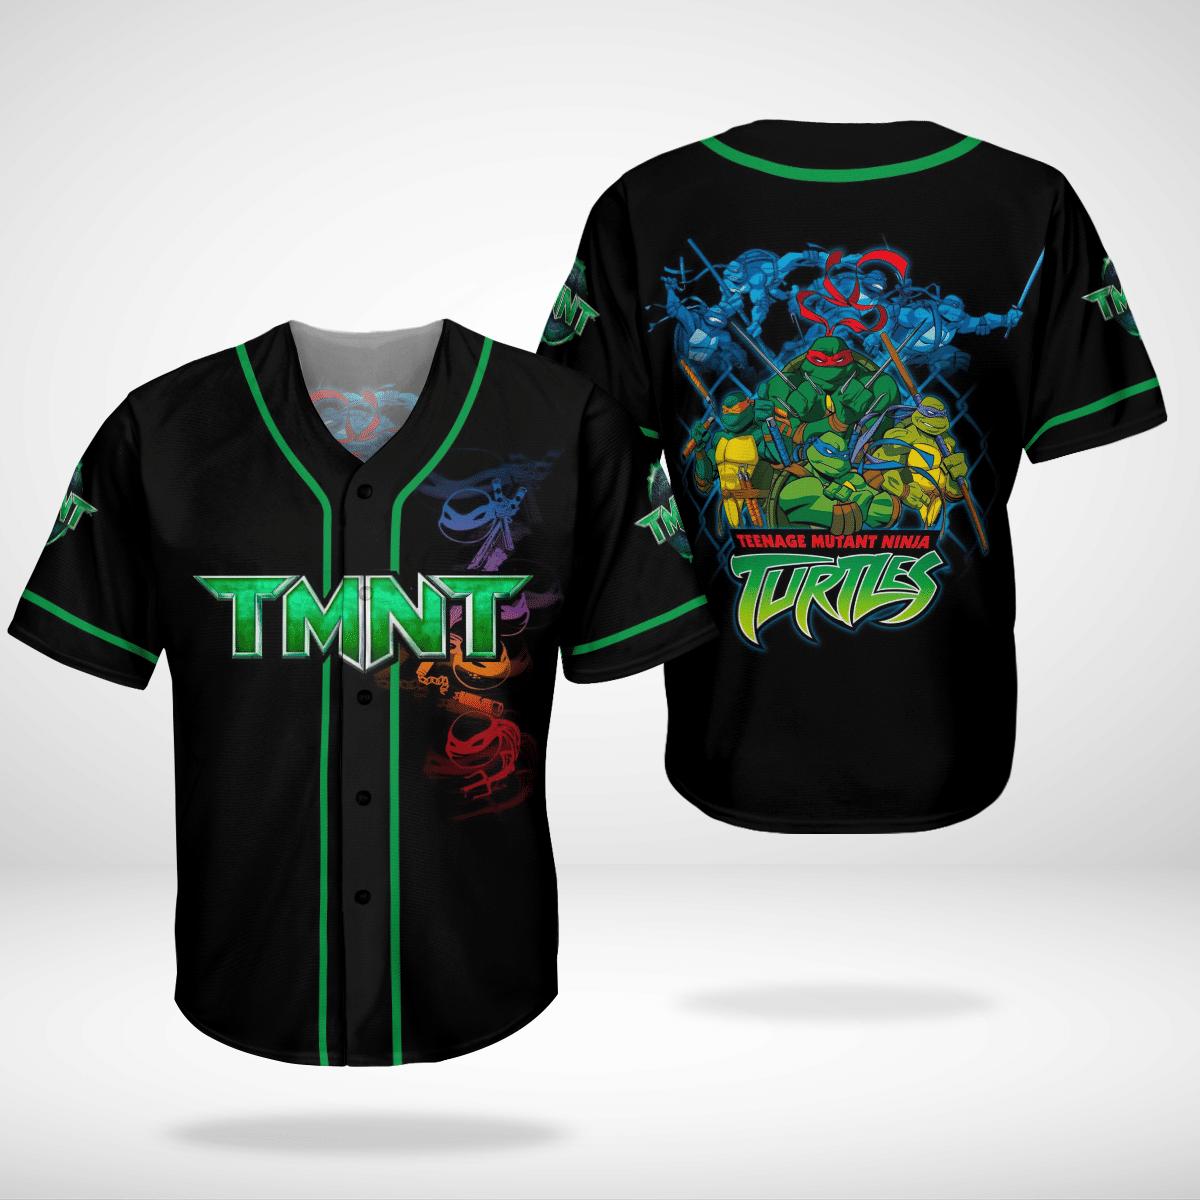 TMNT Teenage mutant ninja turtles Full Team baseball Jersey Shirt